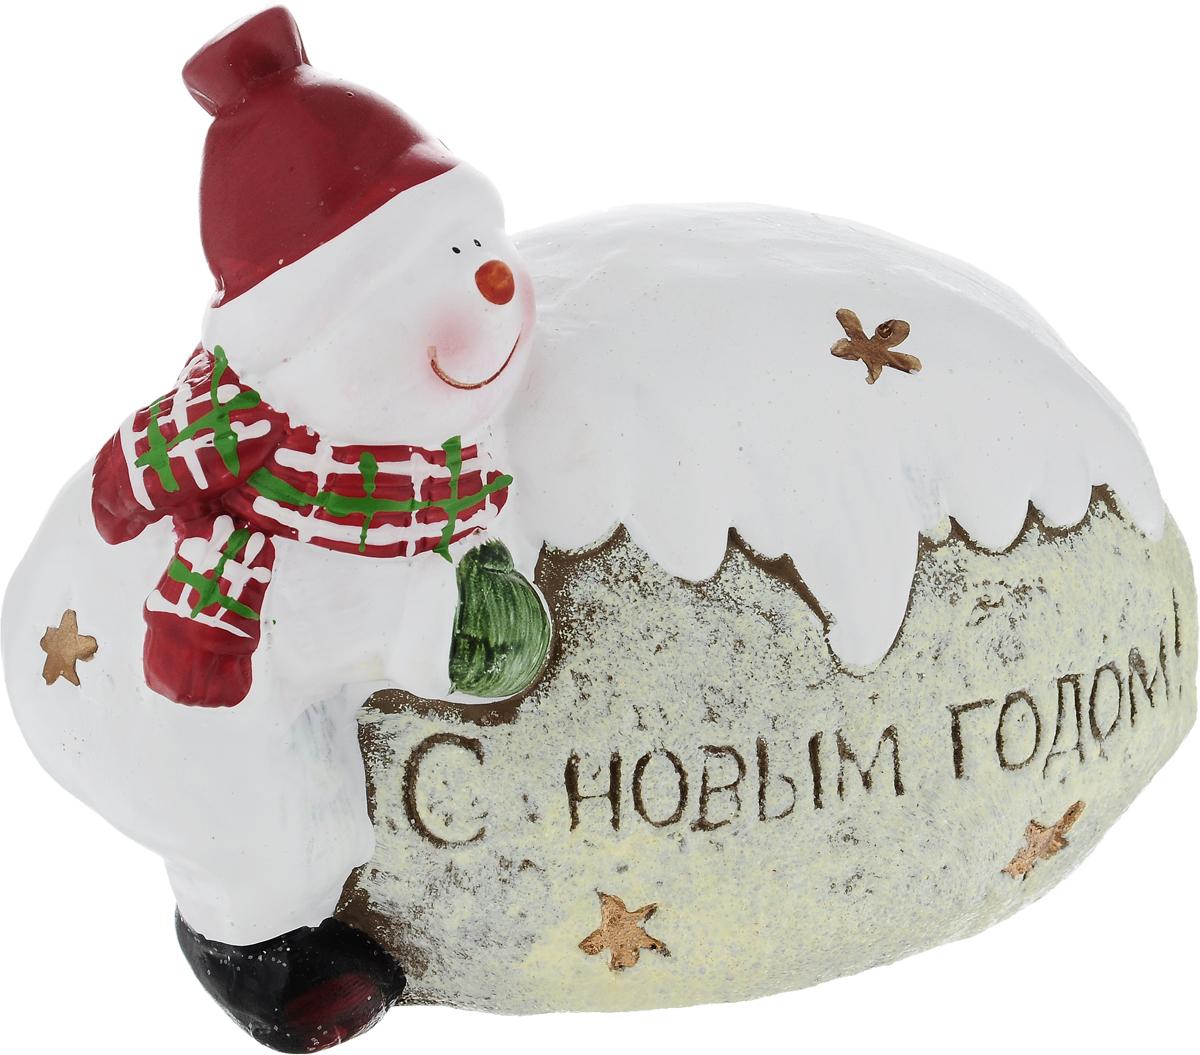 Фигурка деоративная House & Holder Снеговик с сугробом, 14 х 8 х 11,5 смDP-C30-002Фигурка декоративная House & Holder Снеговик с сугробом, выполненная из керамики, станет оригинальным подарком для всех любителей необычных вещей. Изделие оформлено блестками. Изысканный сувенир станет прекрасным дополнением к интерьеру. Вы можете поставить фигурку в любом месте, где она будет удачно смотреться и радовать глаз.